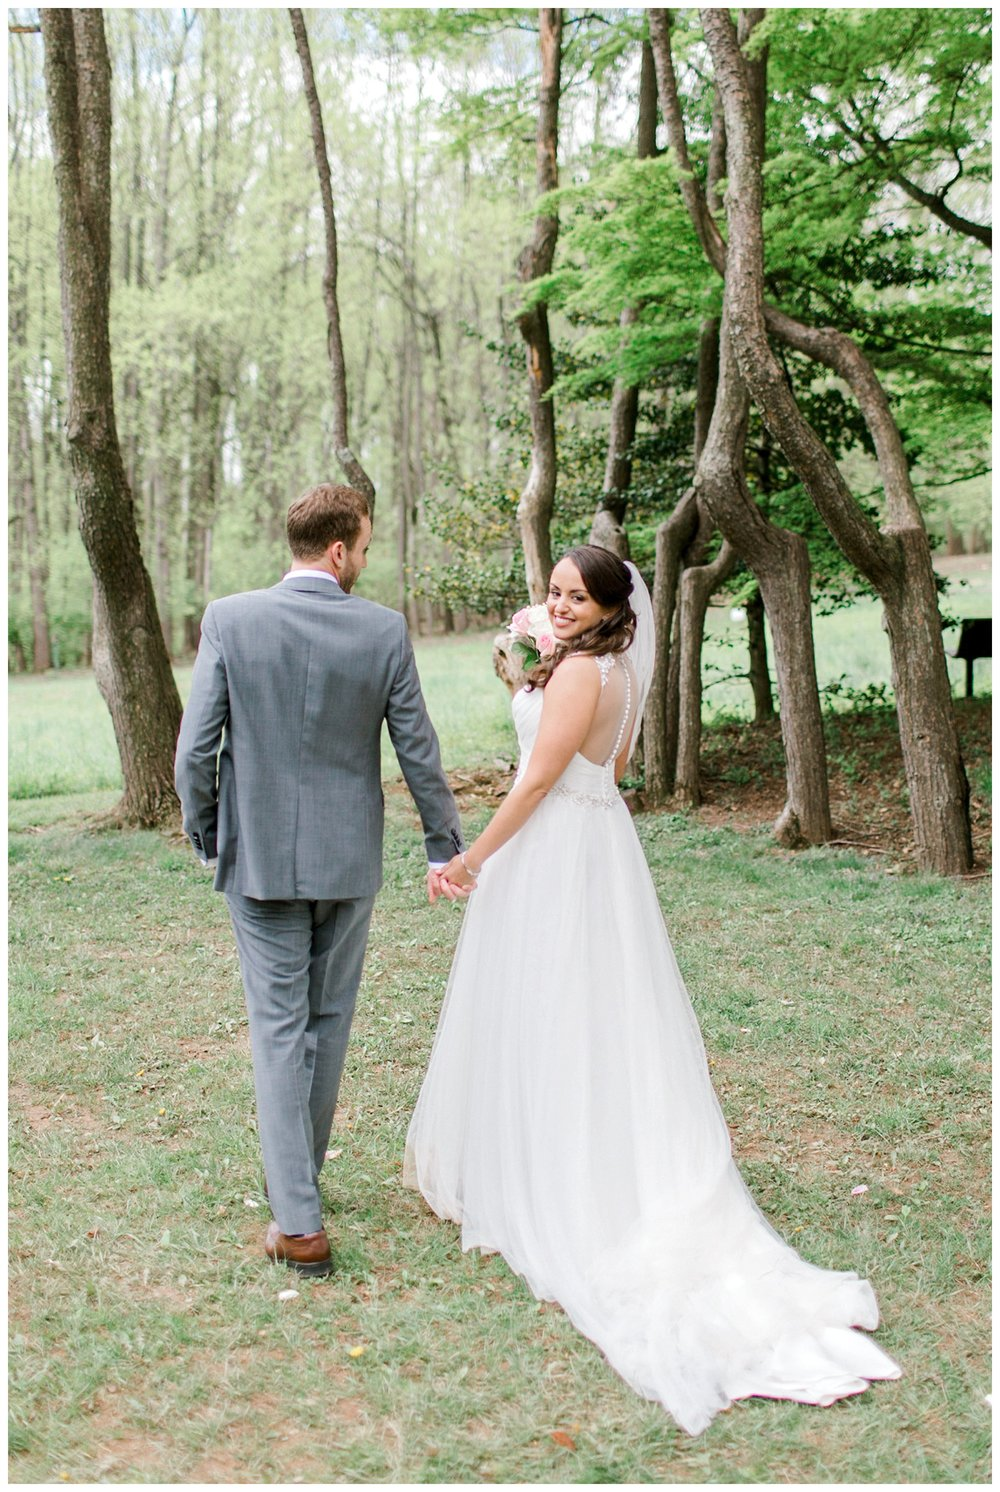 Woodend Nature Sanctuary Wedding Maryland Wedding Photographer_0049.jpg